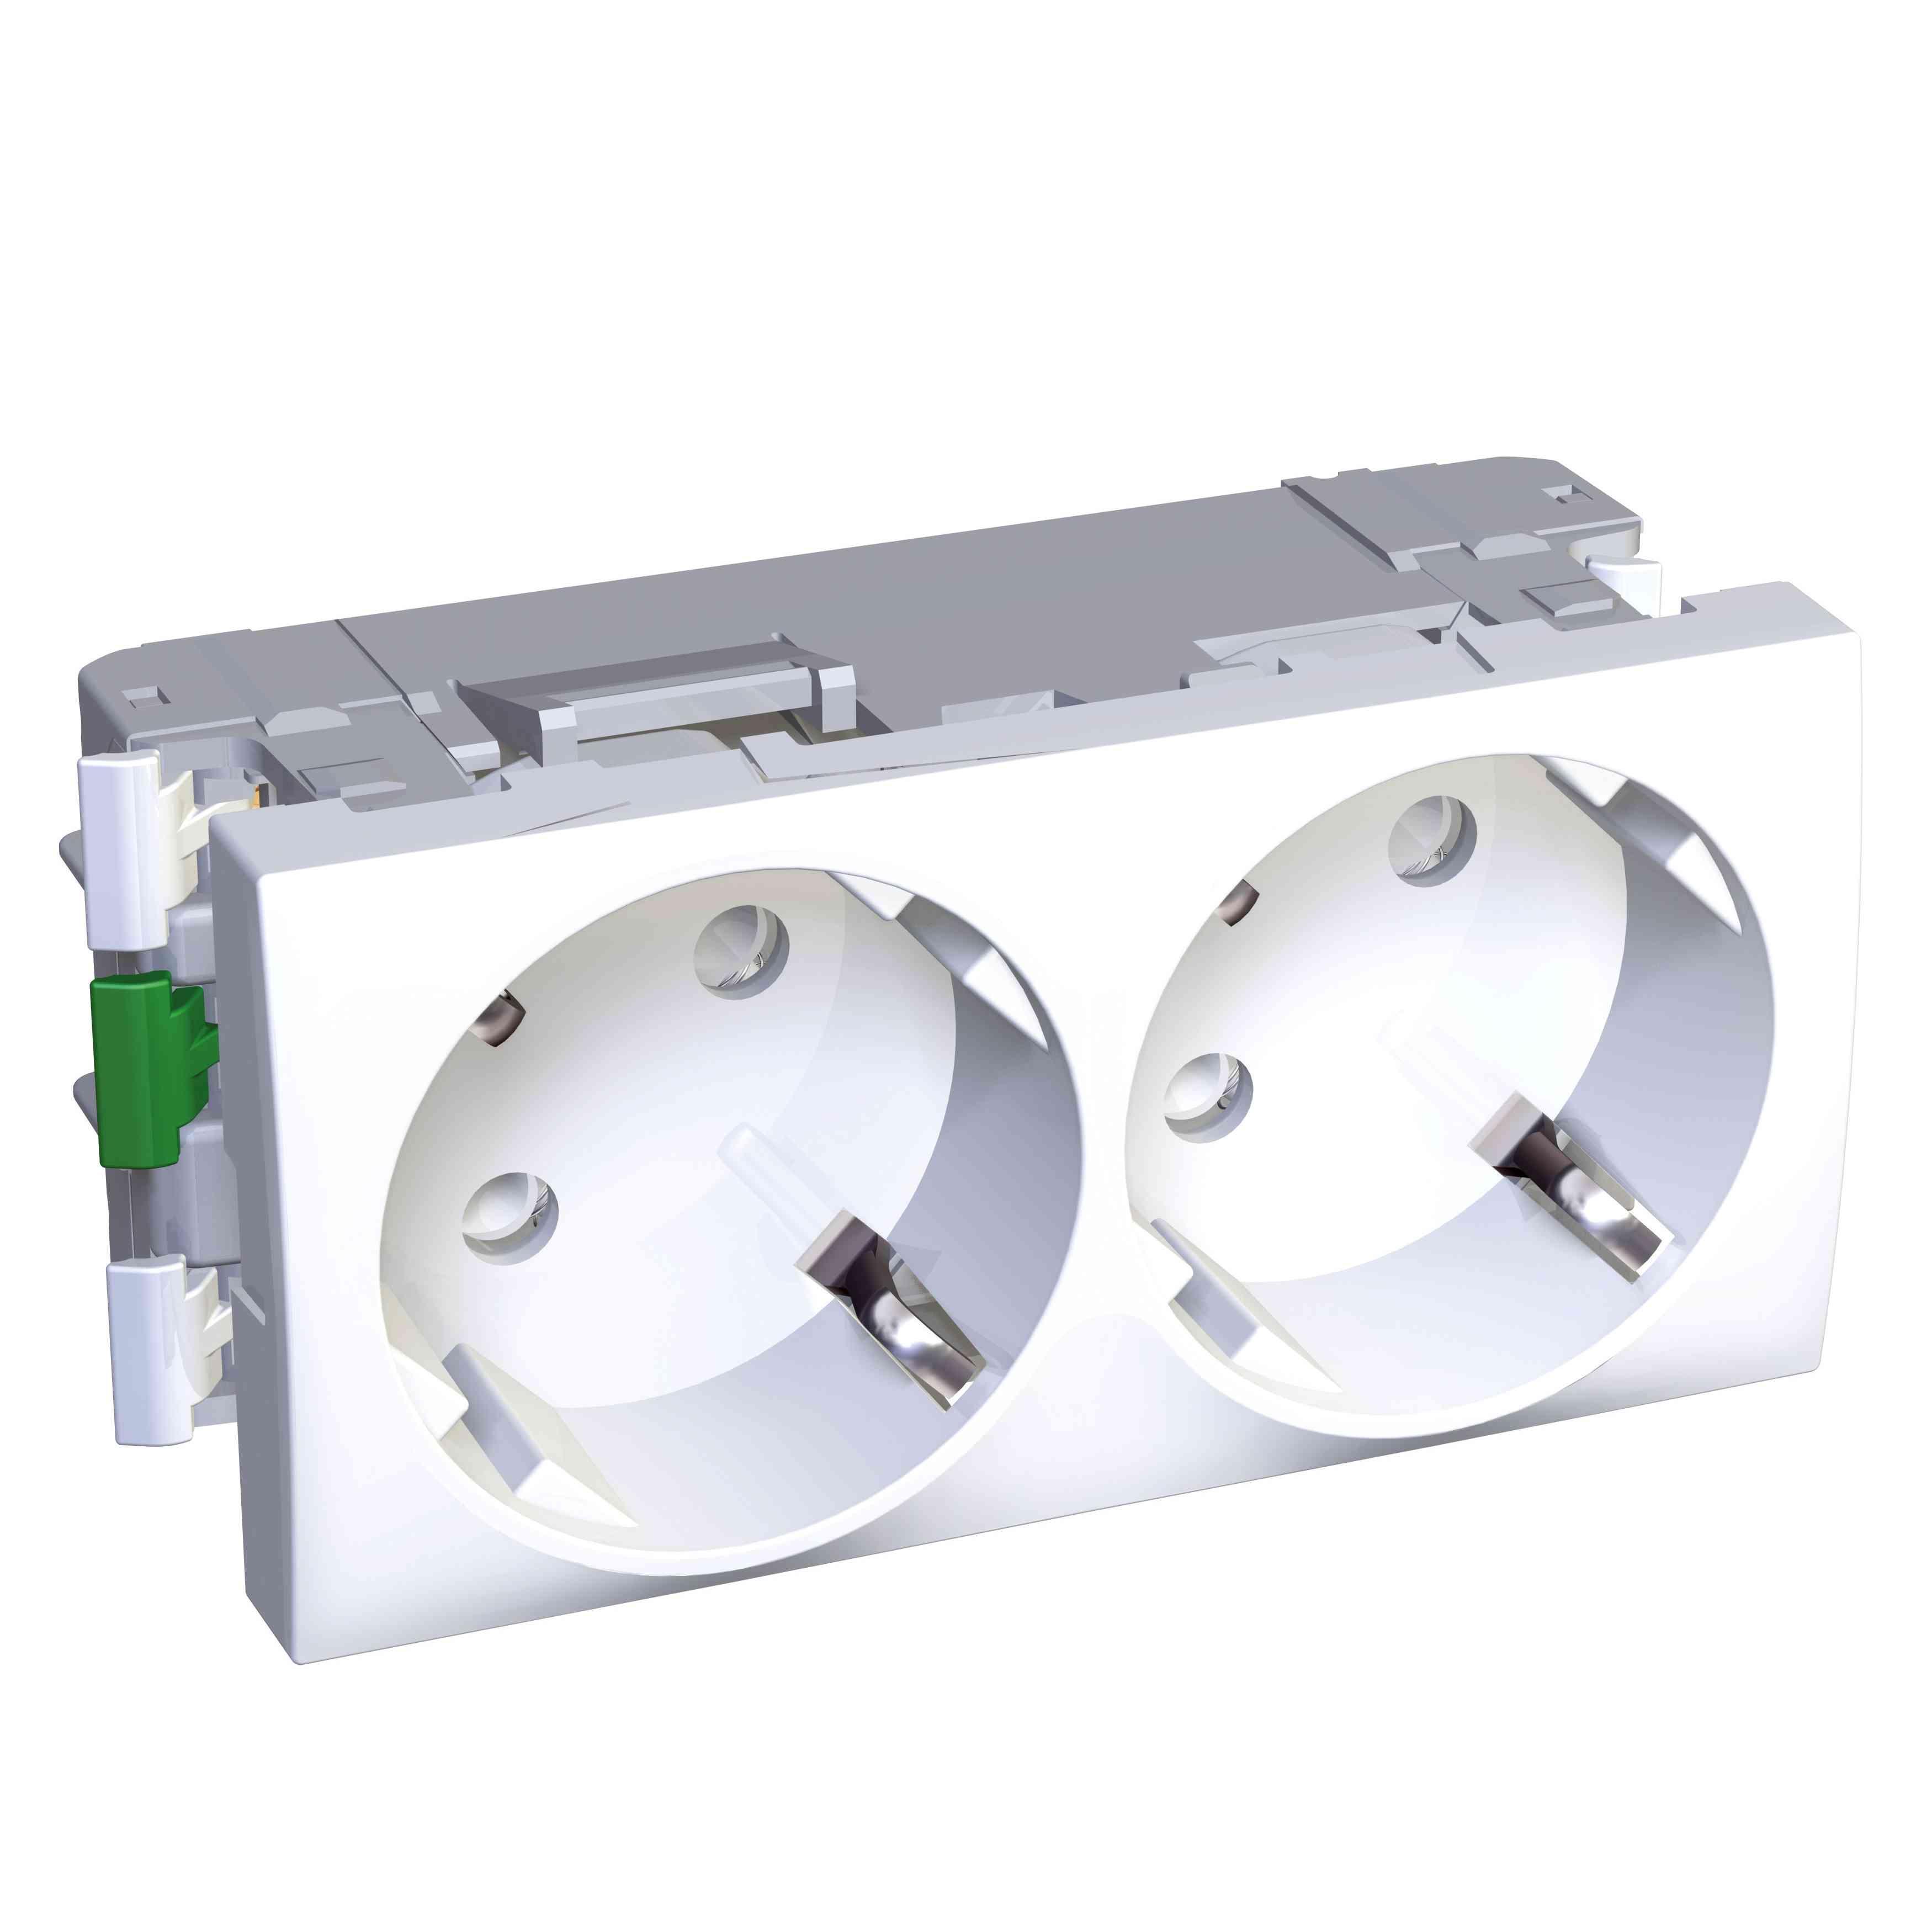 Altira - 2 SO - 2P + E z zaščito - ozemljitev - polarno bel